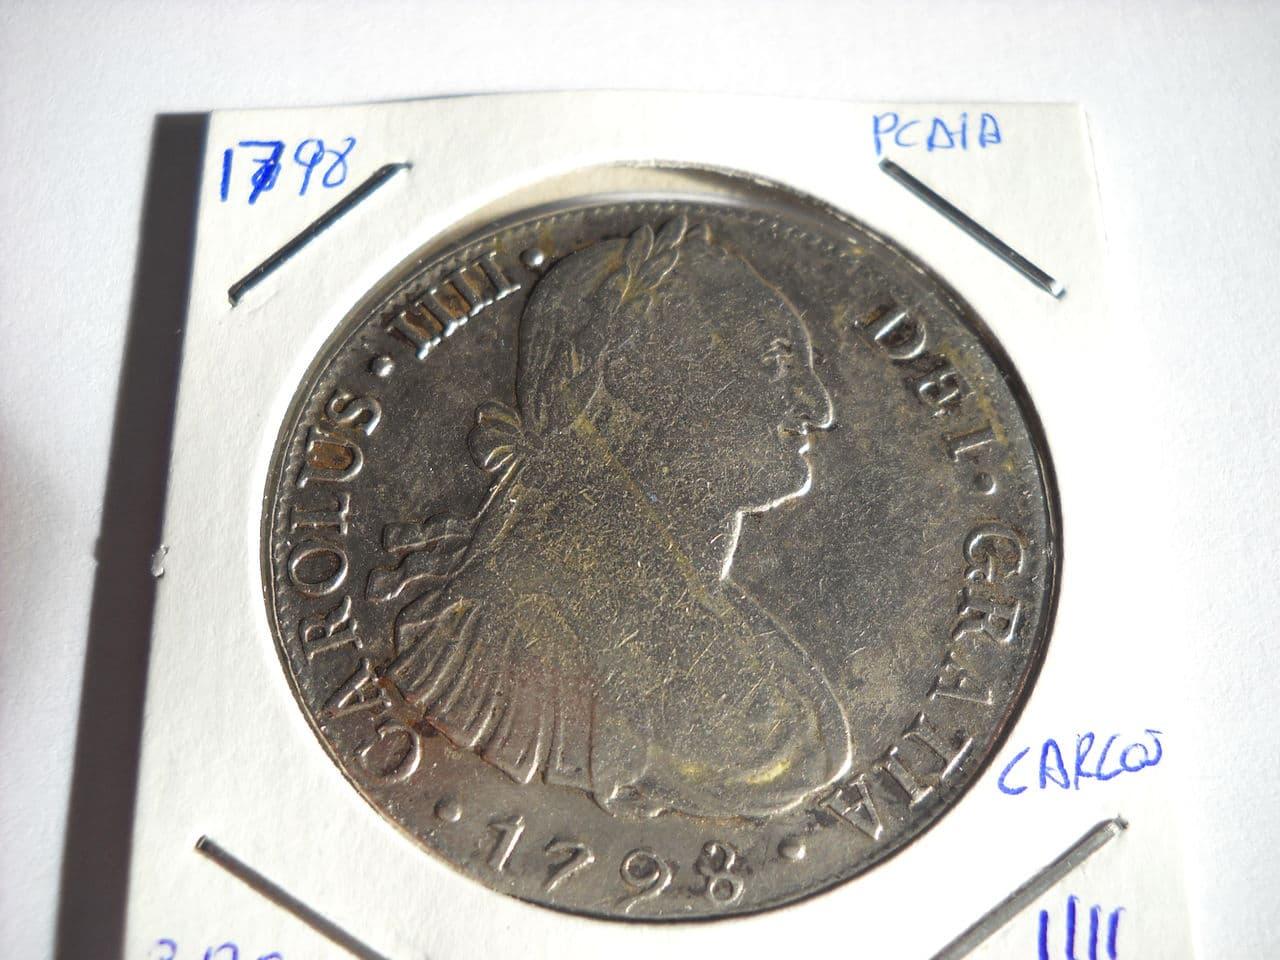 8 reales 1798 Carolus IIII - Lima DSCN0003